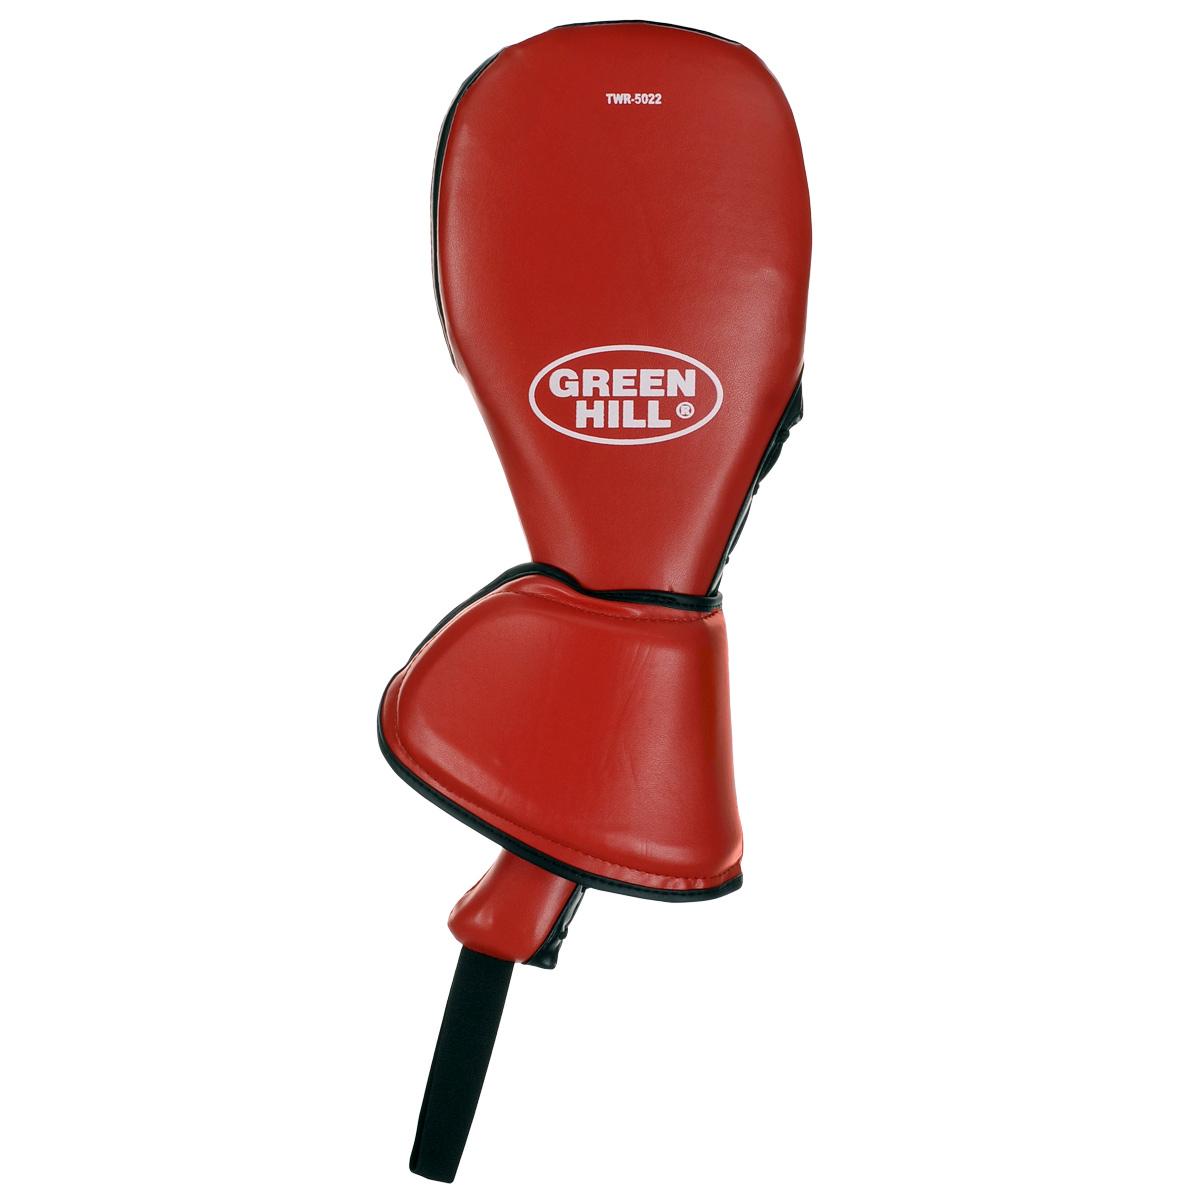 Ракетка для тхэквондо Green Hill, двойная, цвет: красный. TWR-5022TWR-5022Ракетка для тхэквондо Green Hill предназначена для отработки ударов во время тренировочных занятий по тхэквондо и другим единоборствам. Двойная, с защитой кисти. Верх выполнен из искусственной кожи, наполнитель - пенополиуретан.